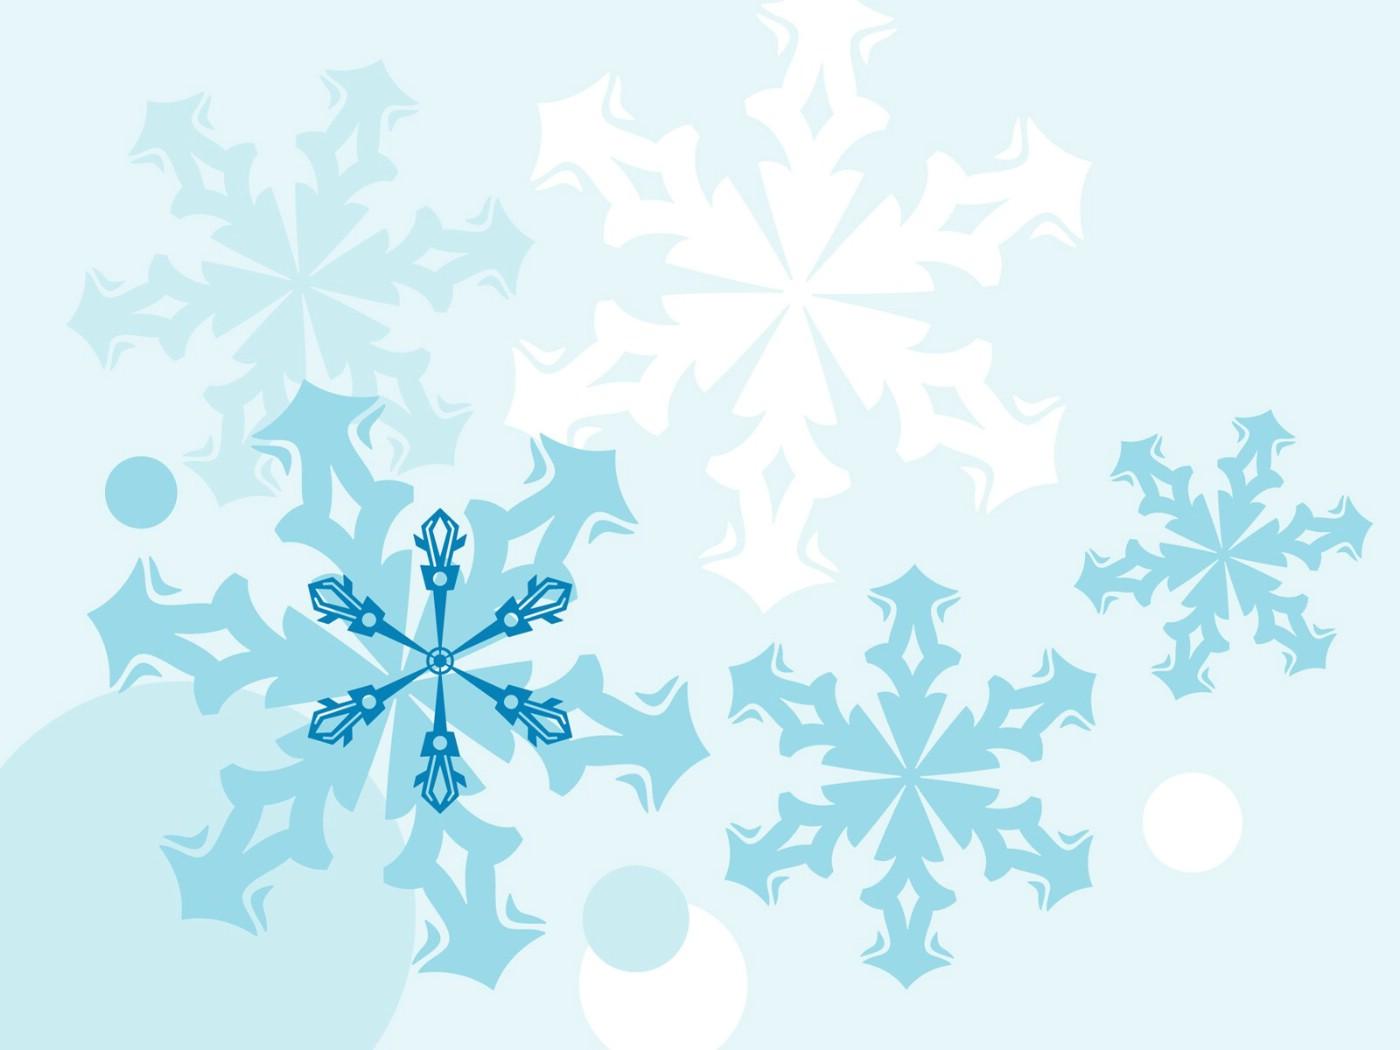 雪花矢量背景 矢量雪花图案 冬季背景图片 1920 1600